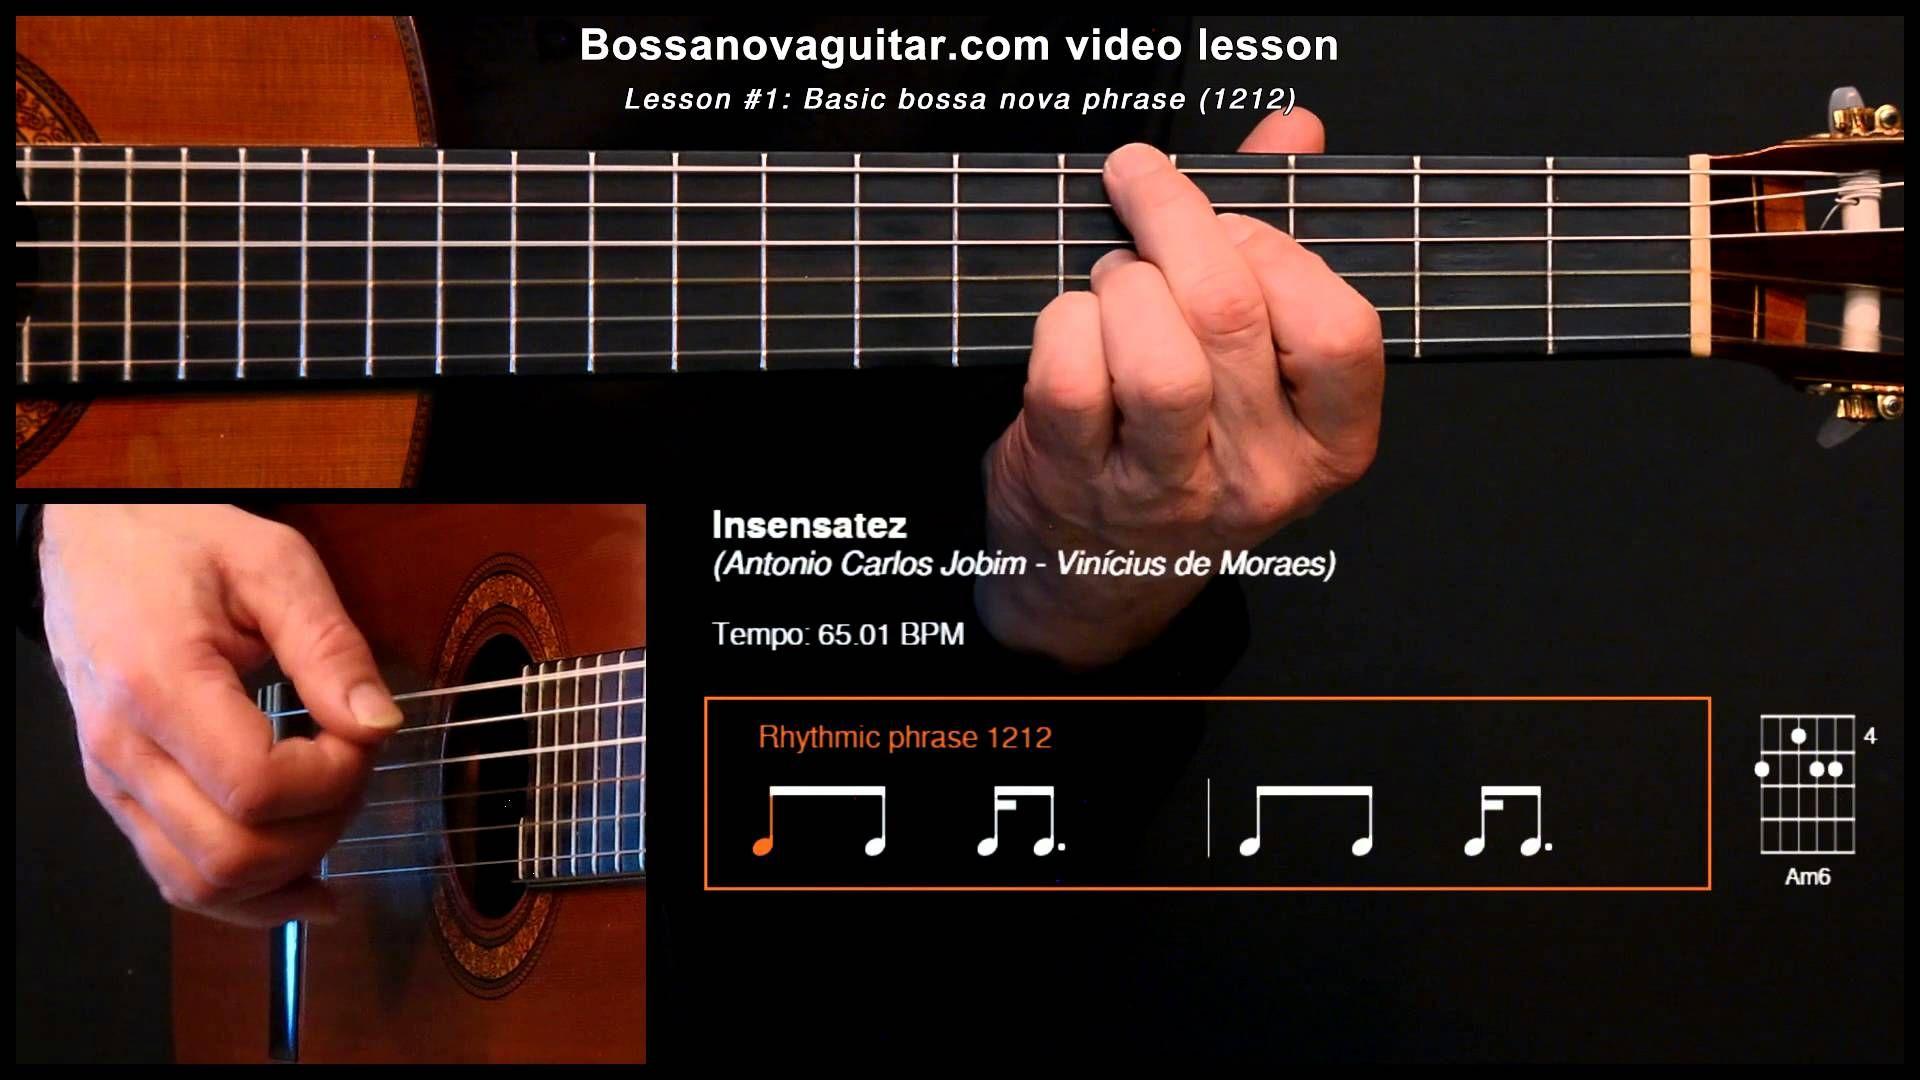 Bossa Nova Guitar Lesson #1: Basic Phrase (Insensatez)